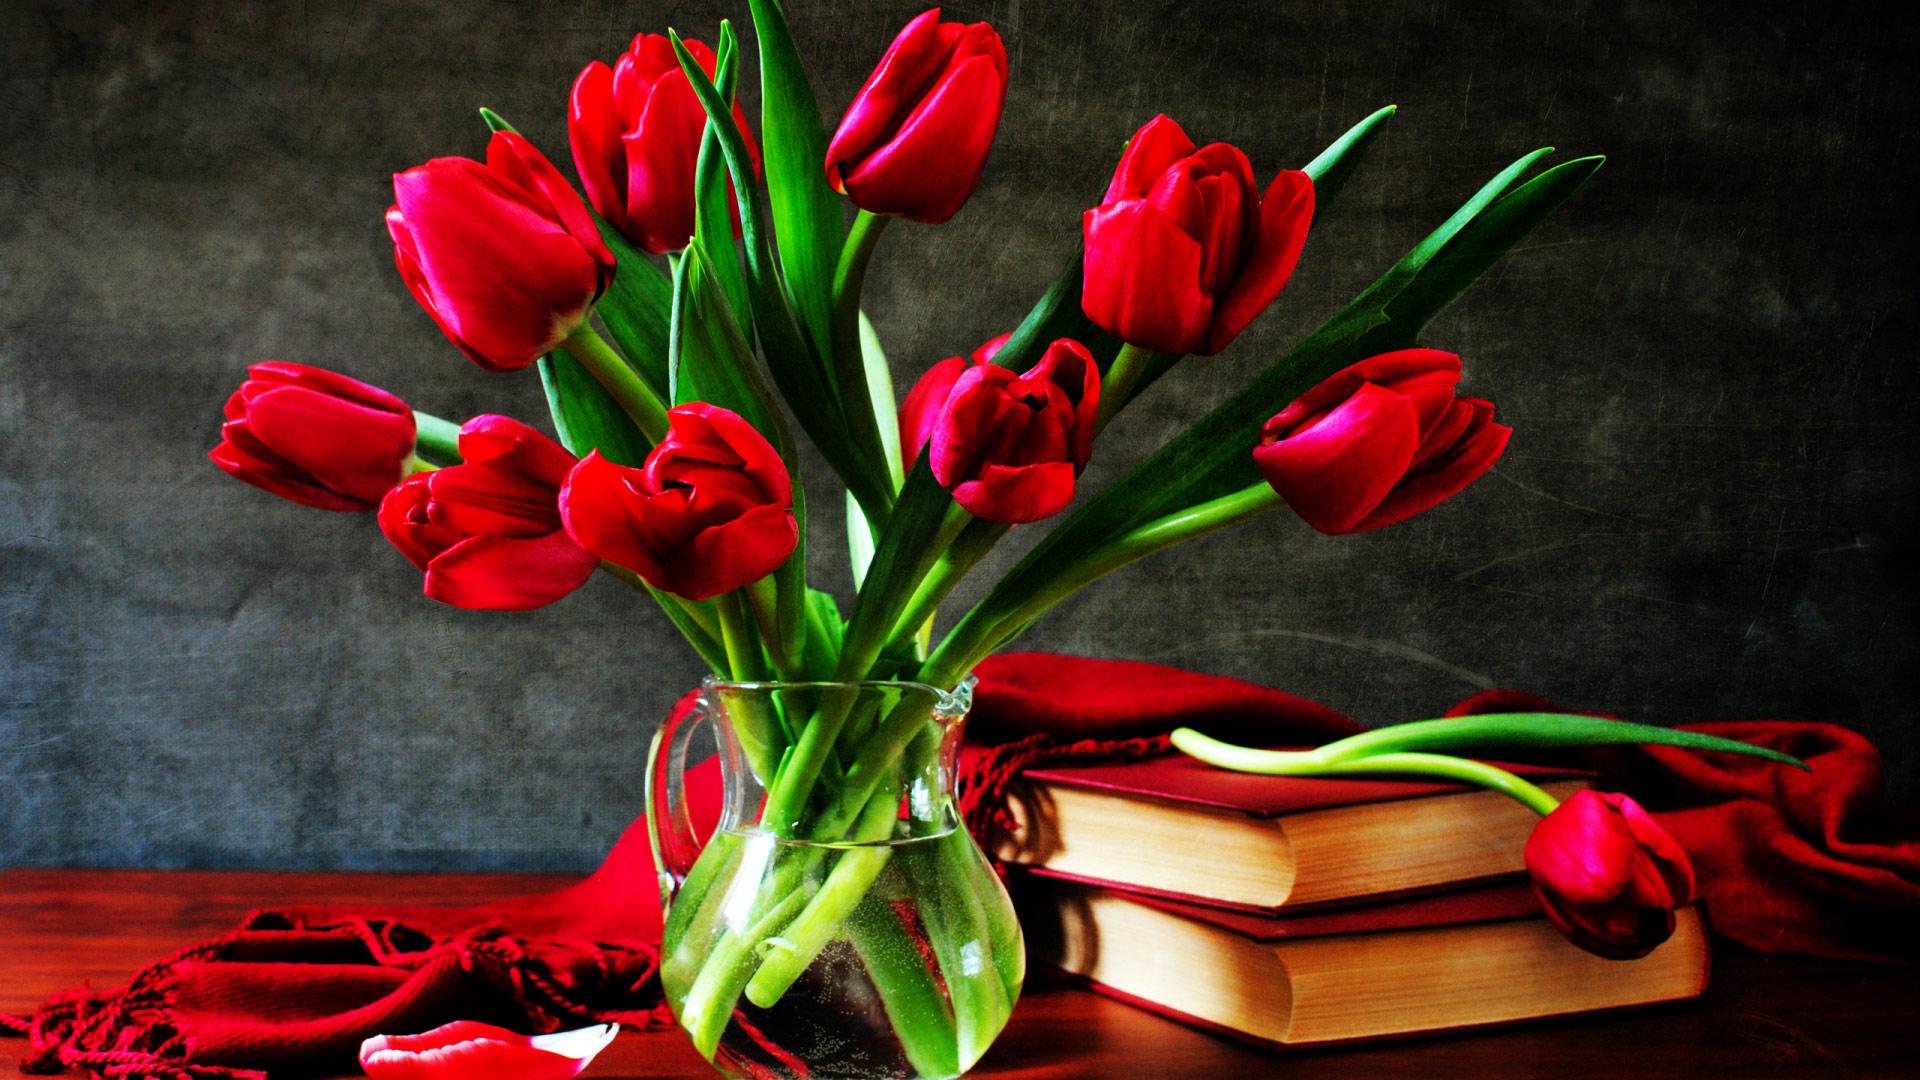 Красивые картинки на рабочий стол с тюльпанами